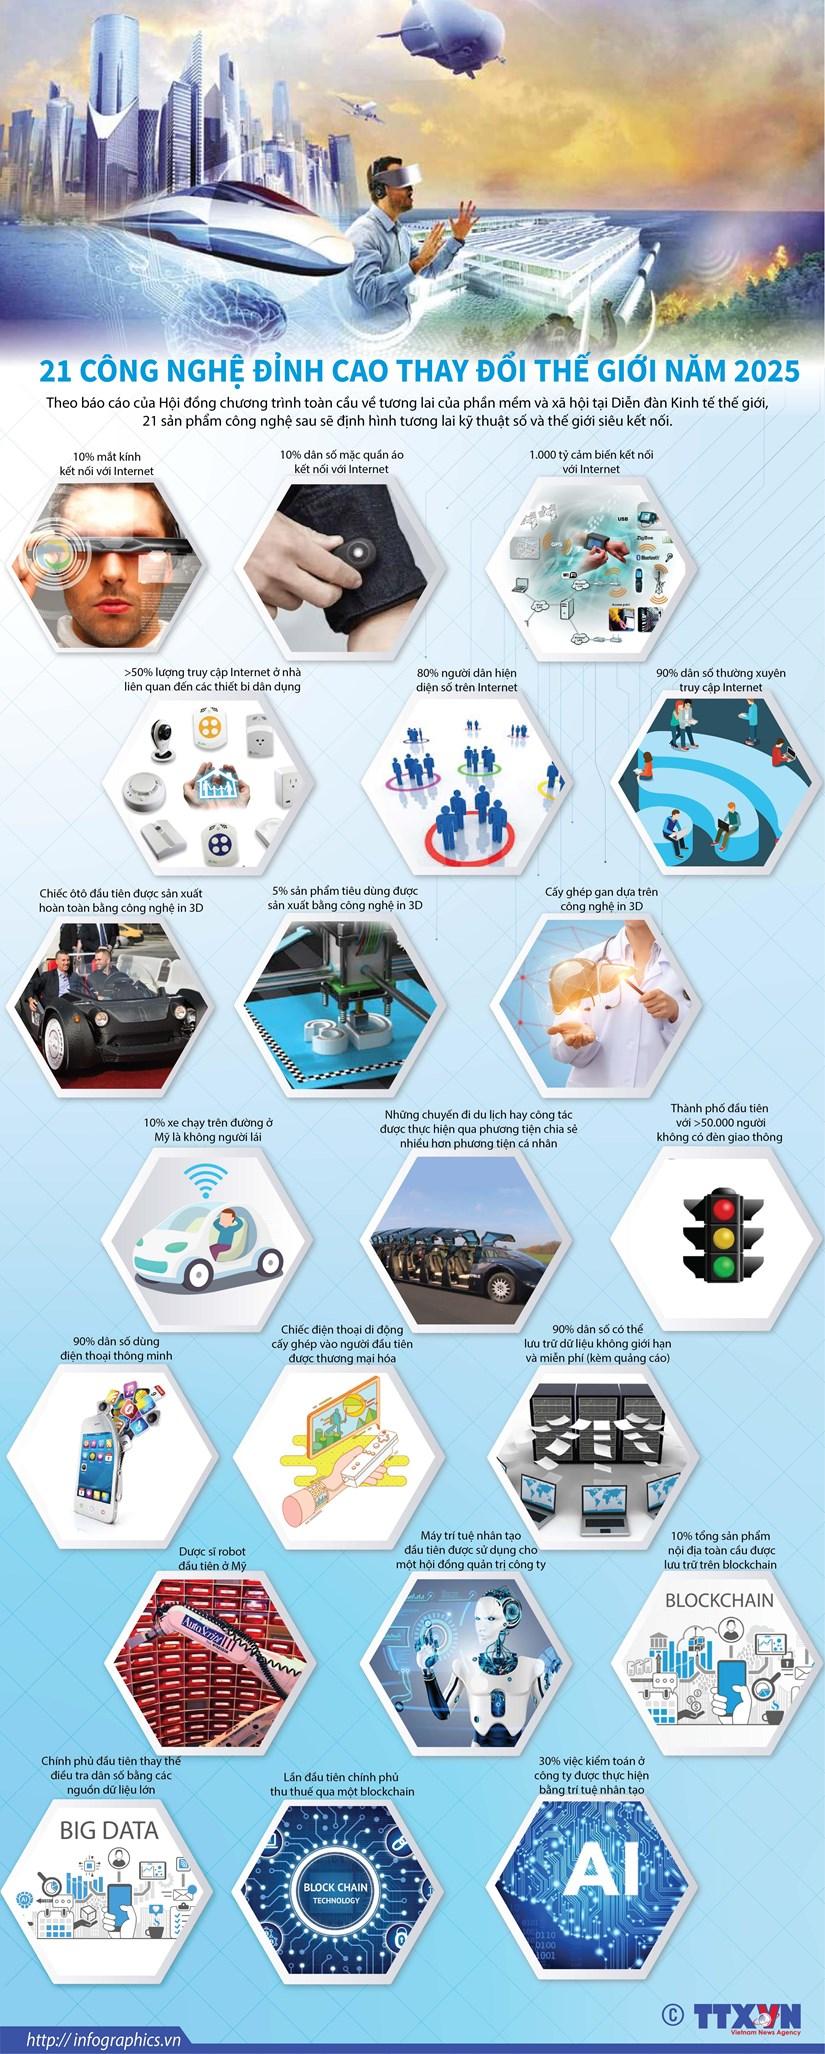 [Infographics] 21 công nghệ đỉnh cao thay đổi thế giới năm 2025